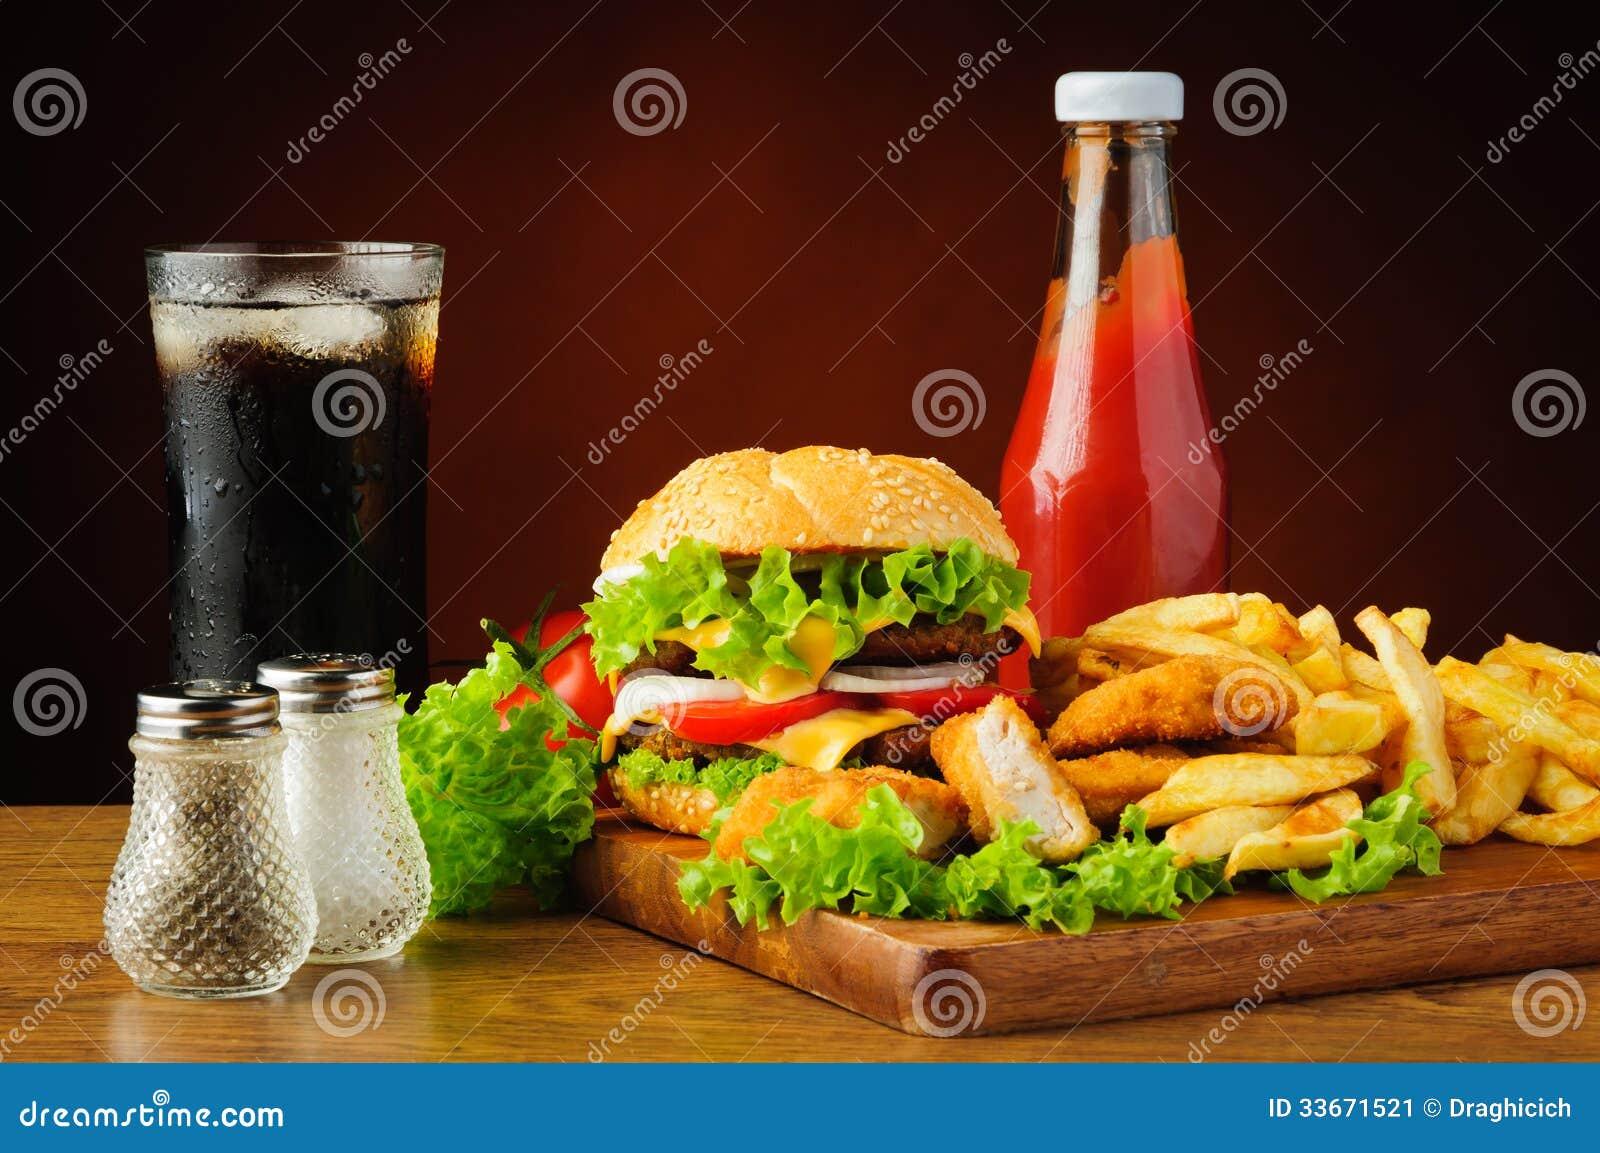 Sighisoara Fast Food